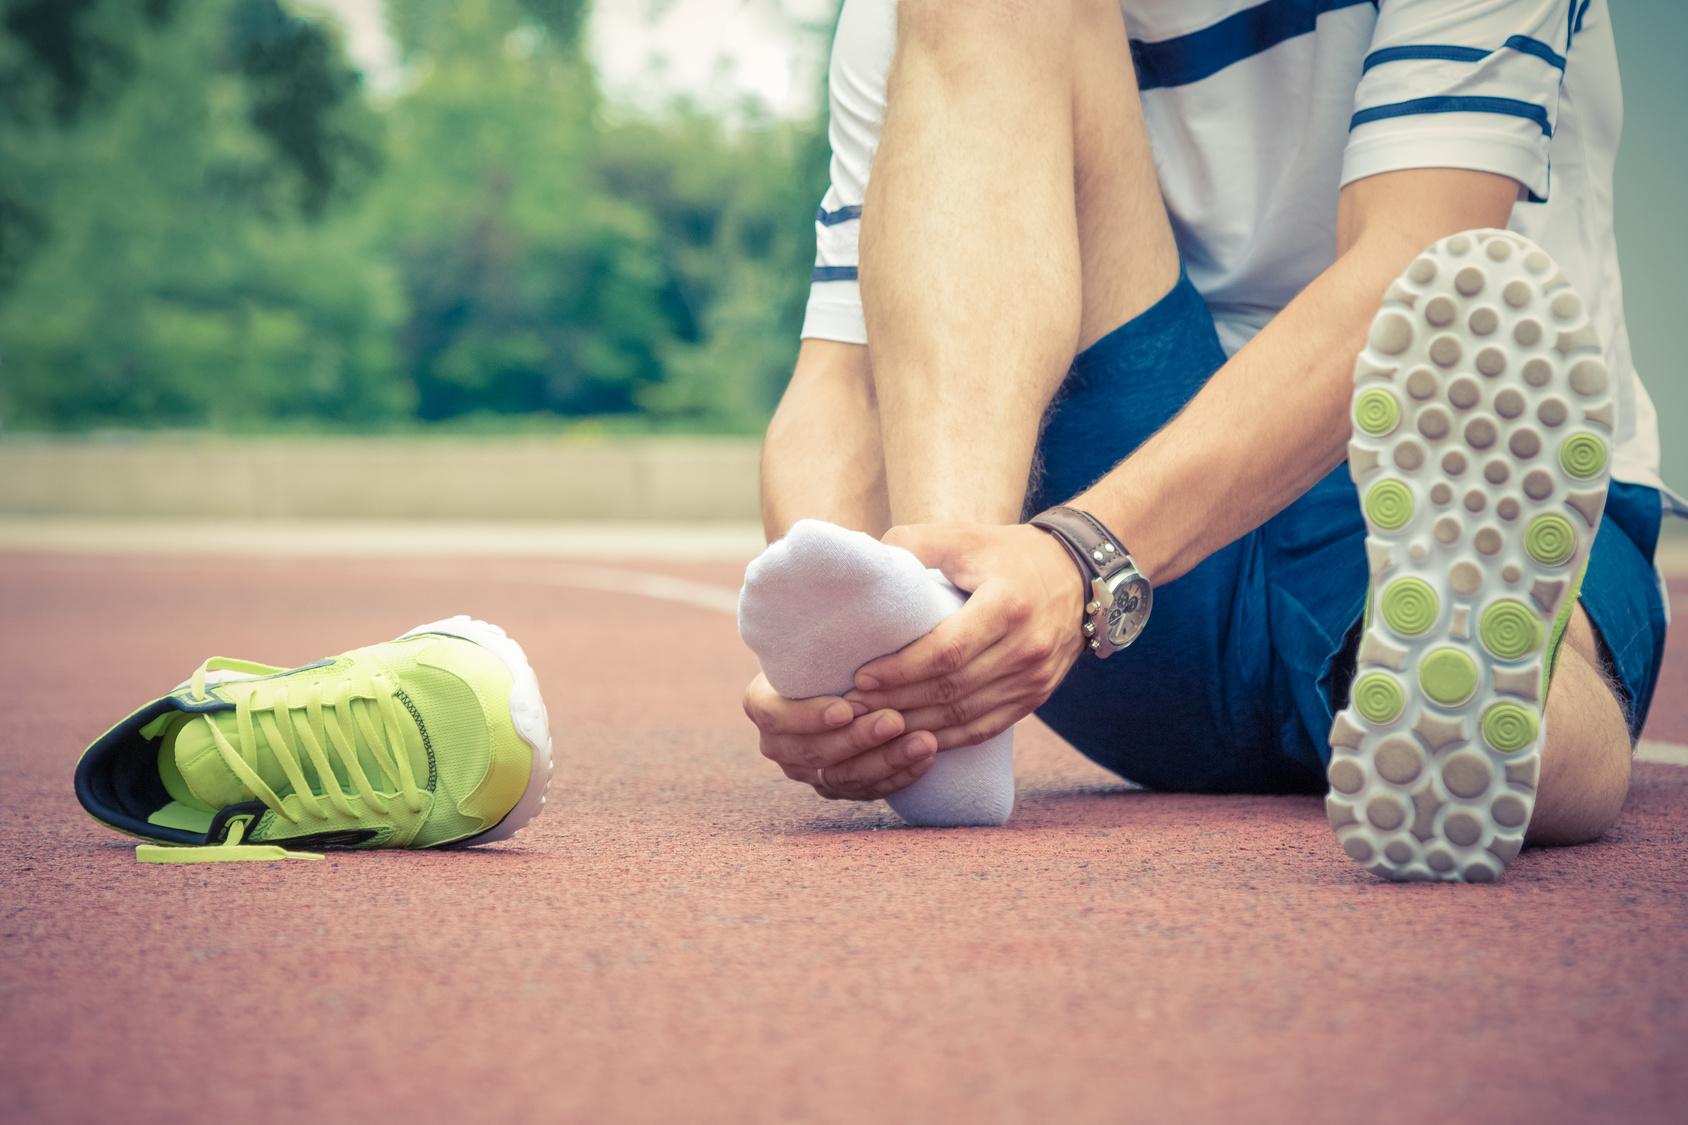 Esse tipo de lesão não é comum em corredores, mas pode acontecer durante o treinos e/ou provas Foto: zphoto83/Fotolia